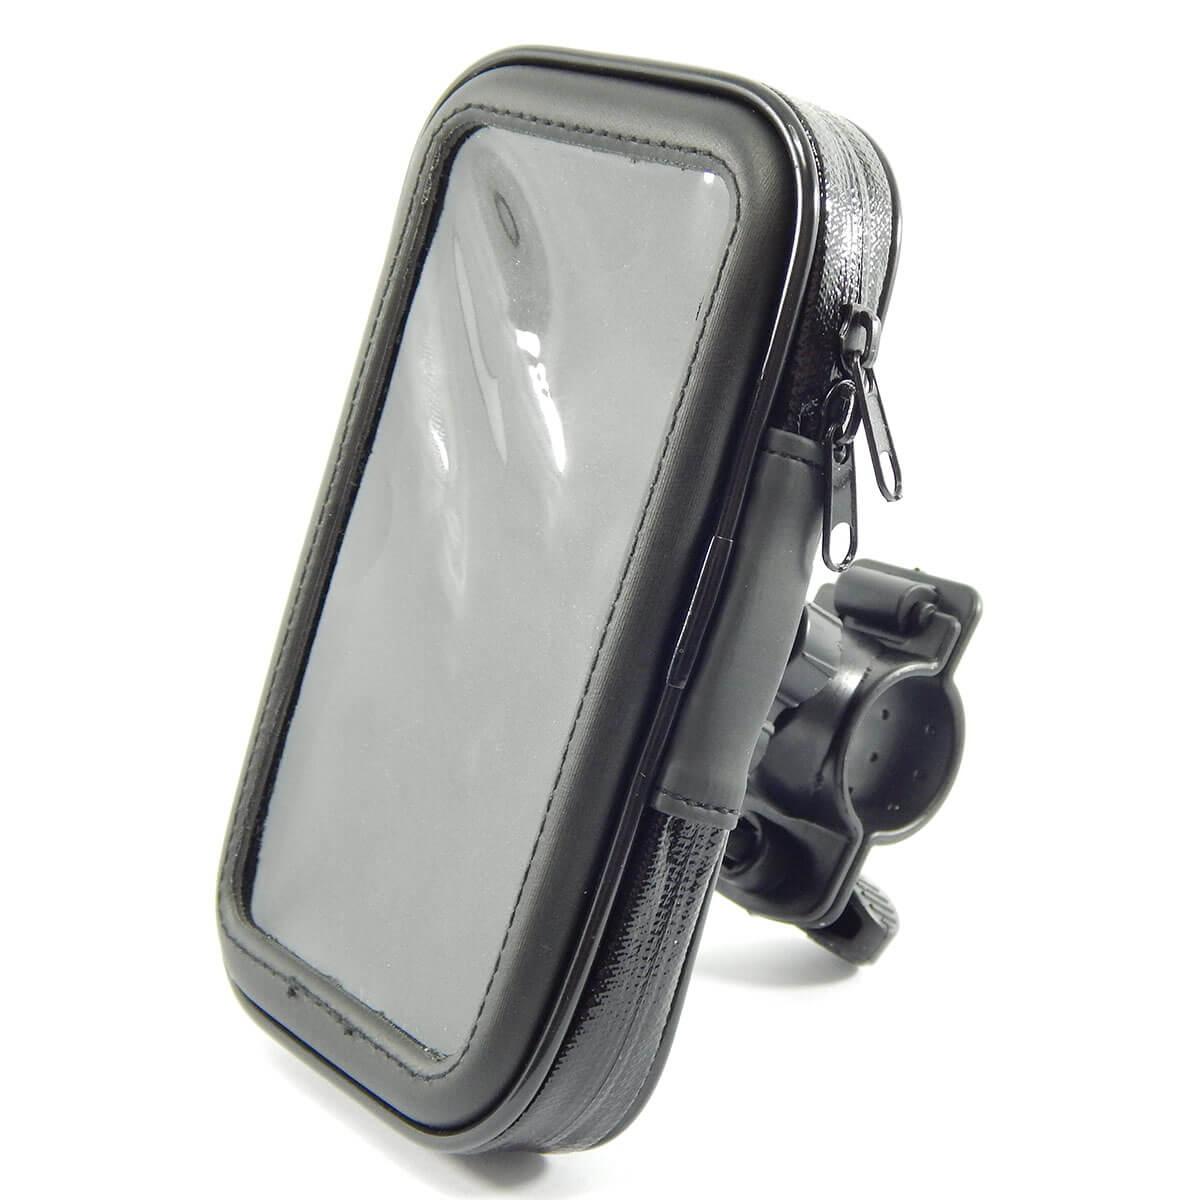 Suporte de Celular Impermeável para Moto e Bicicleta